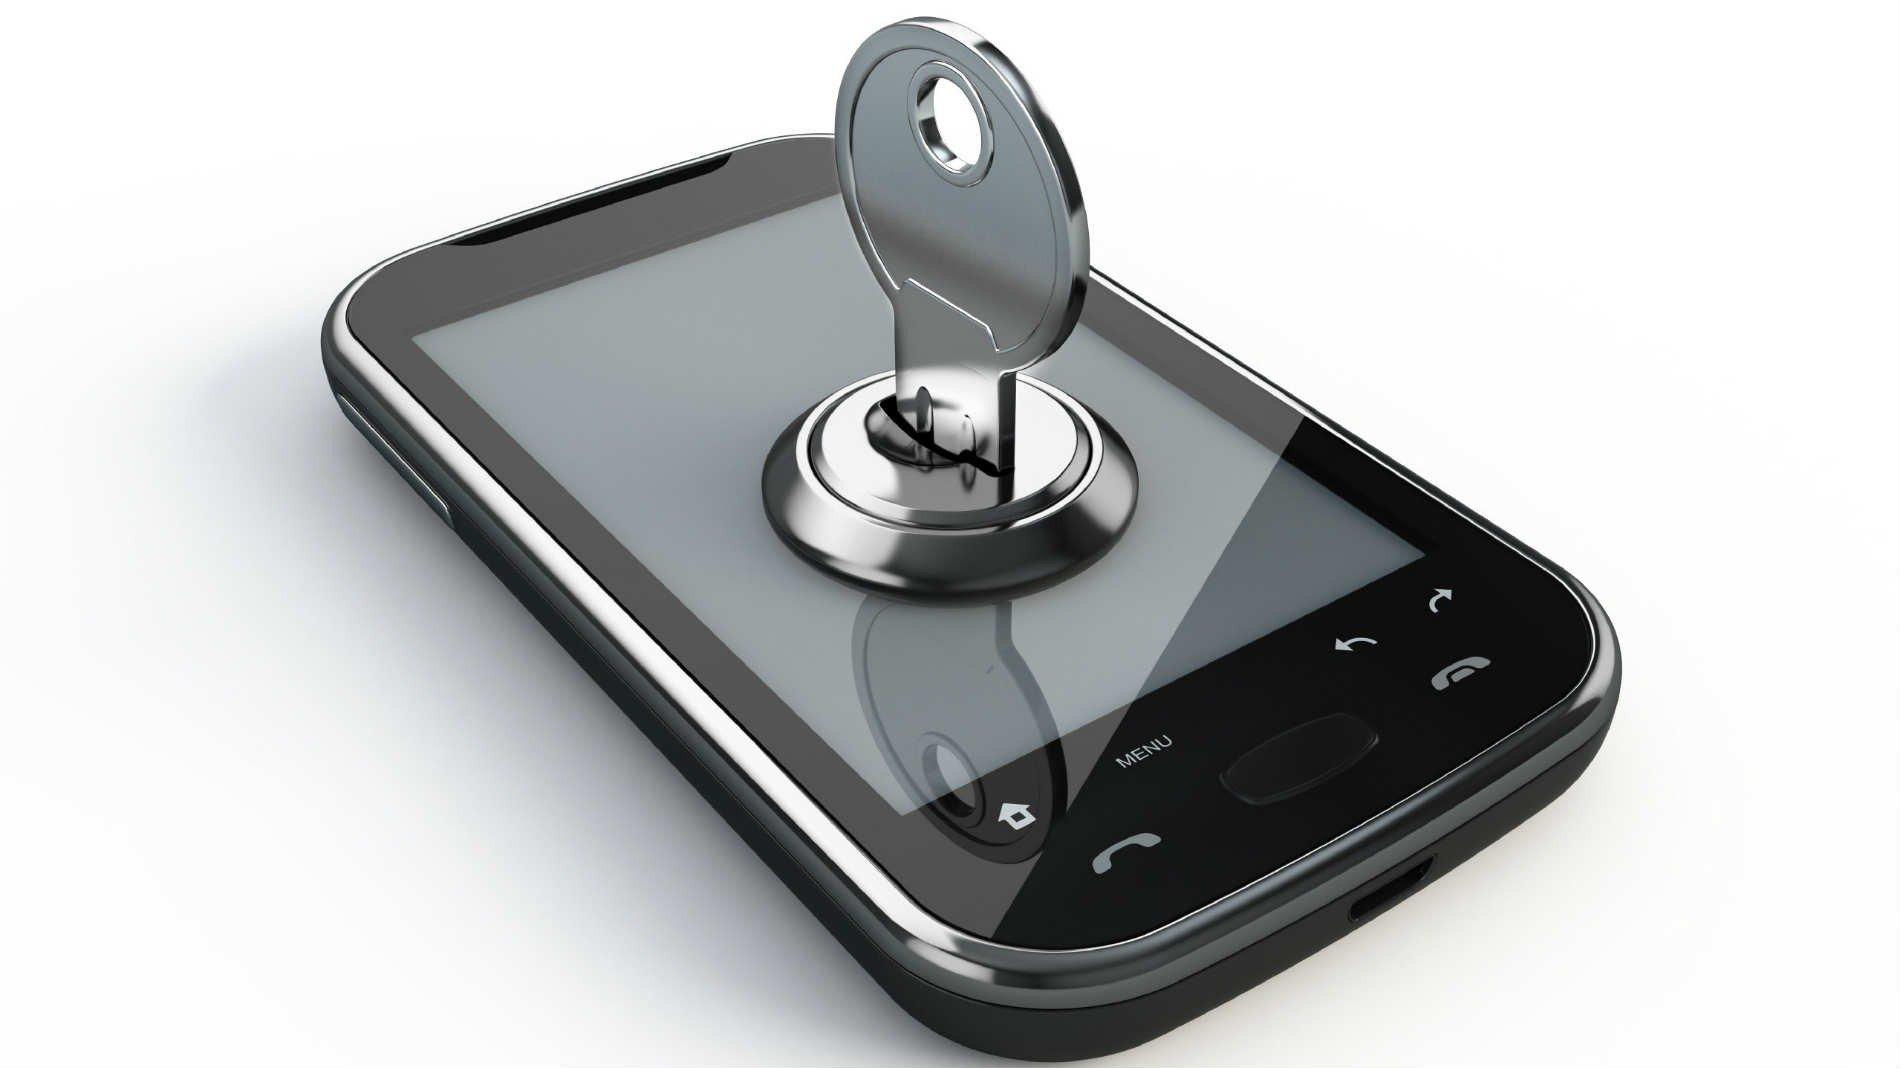 Сиюня в Российской Федерации начнут перекрыть незарегистрированные телефонные номера